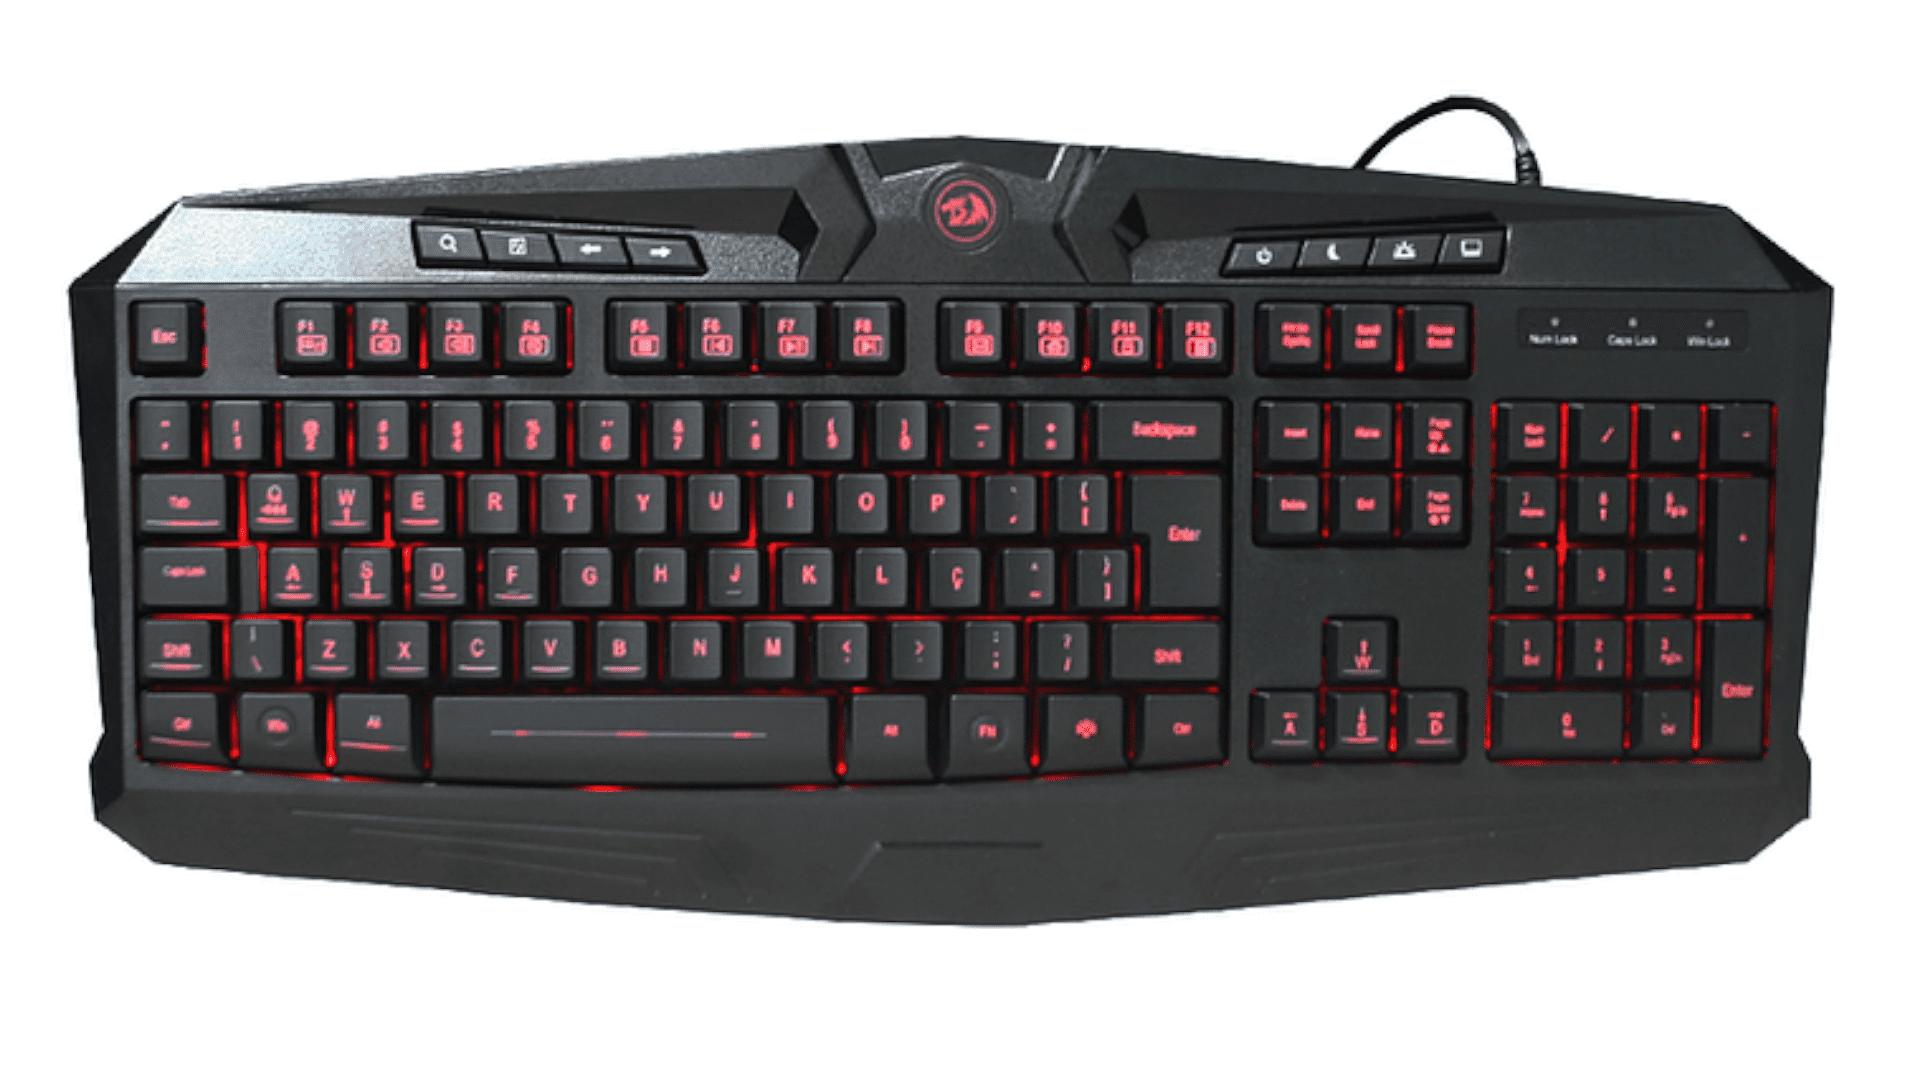 Teclado gamer Redragon Harpe K503 RGB preto com iluminação vermelha